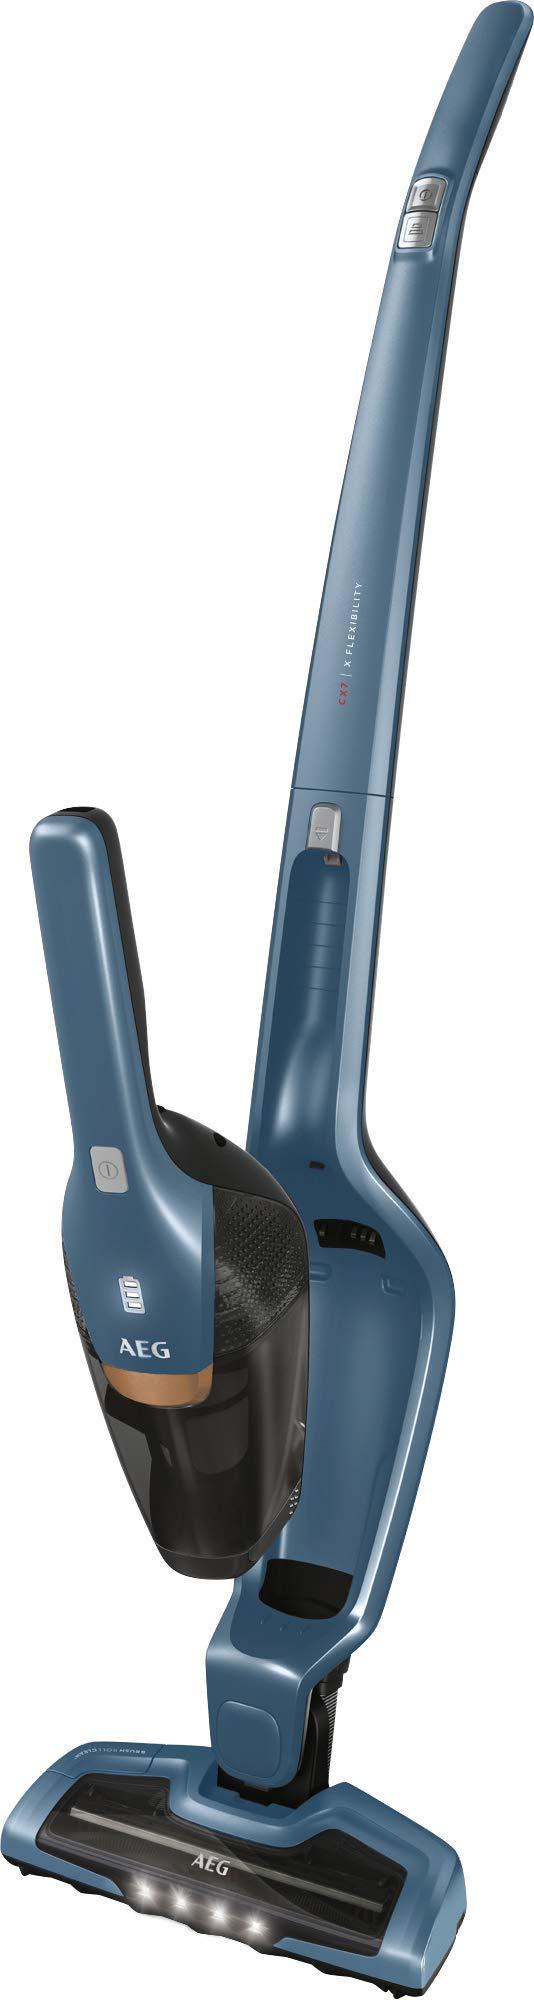 AEG Ergorapido CX7-2-45IM beutel- & kabelloser 2in1 Akku-Handstaubsauger + AEG AKIT15 Allergy Kit für CX7 & HX6 zur Auto…